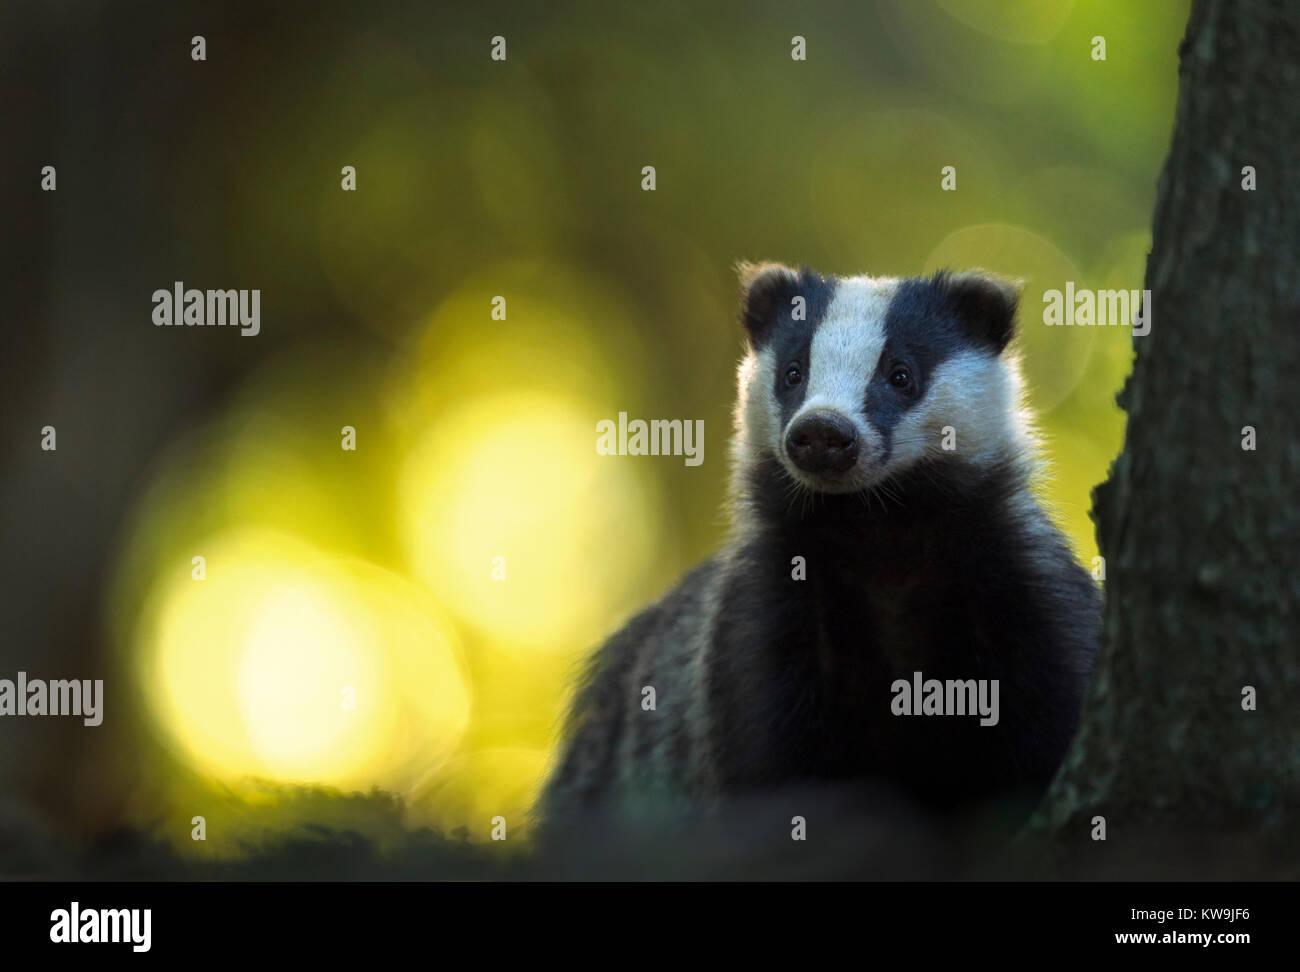 Eurasian Badger - Stock Image